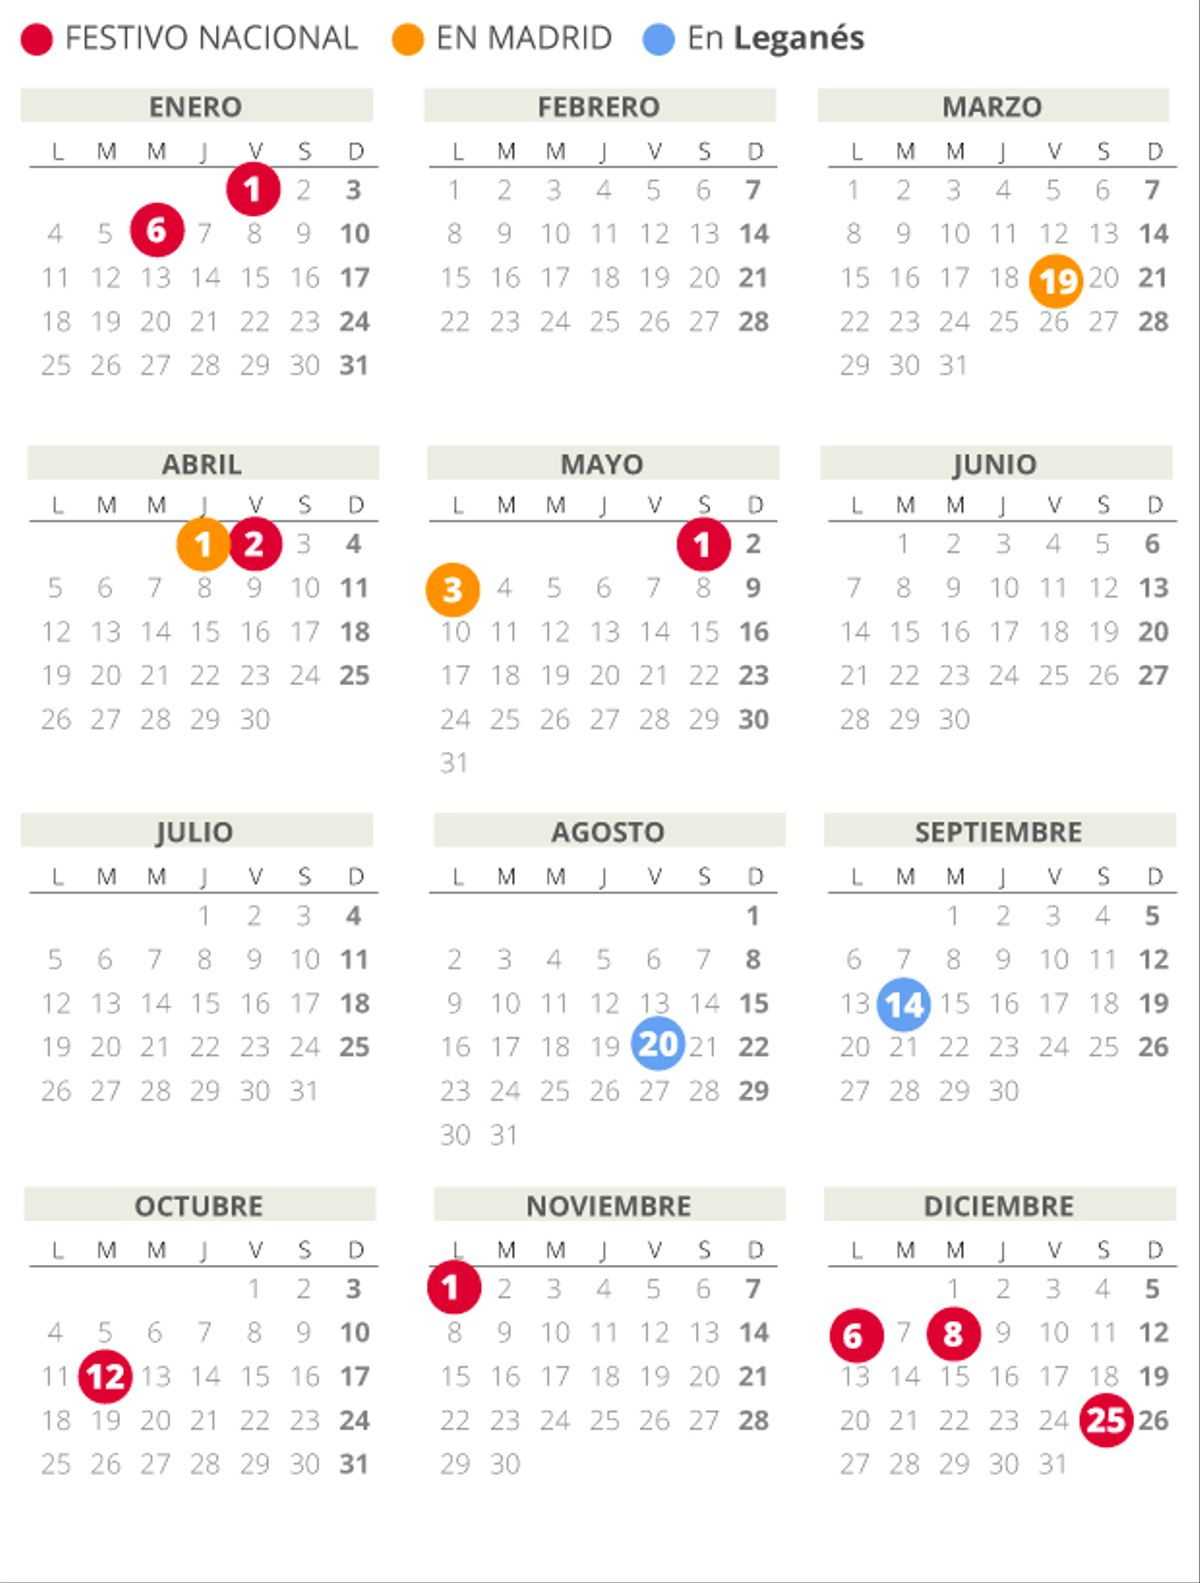 Calendario laboral de Leganés del 2021.